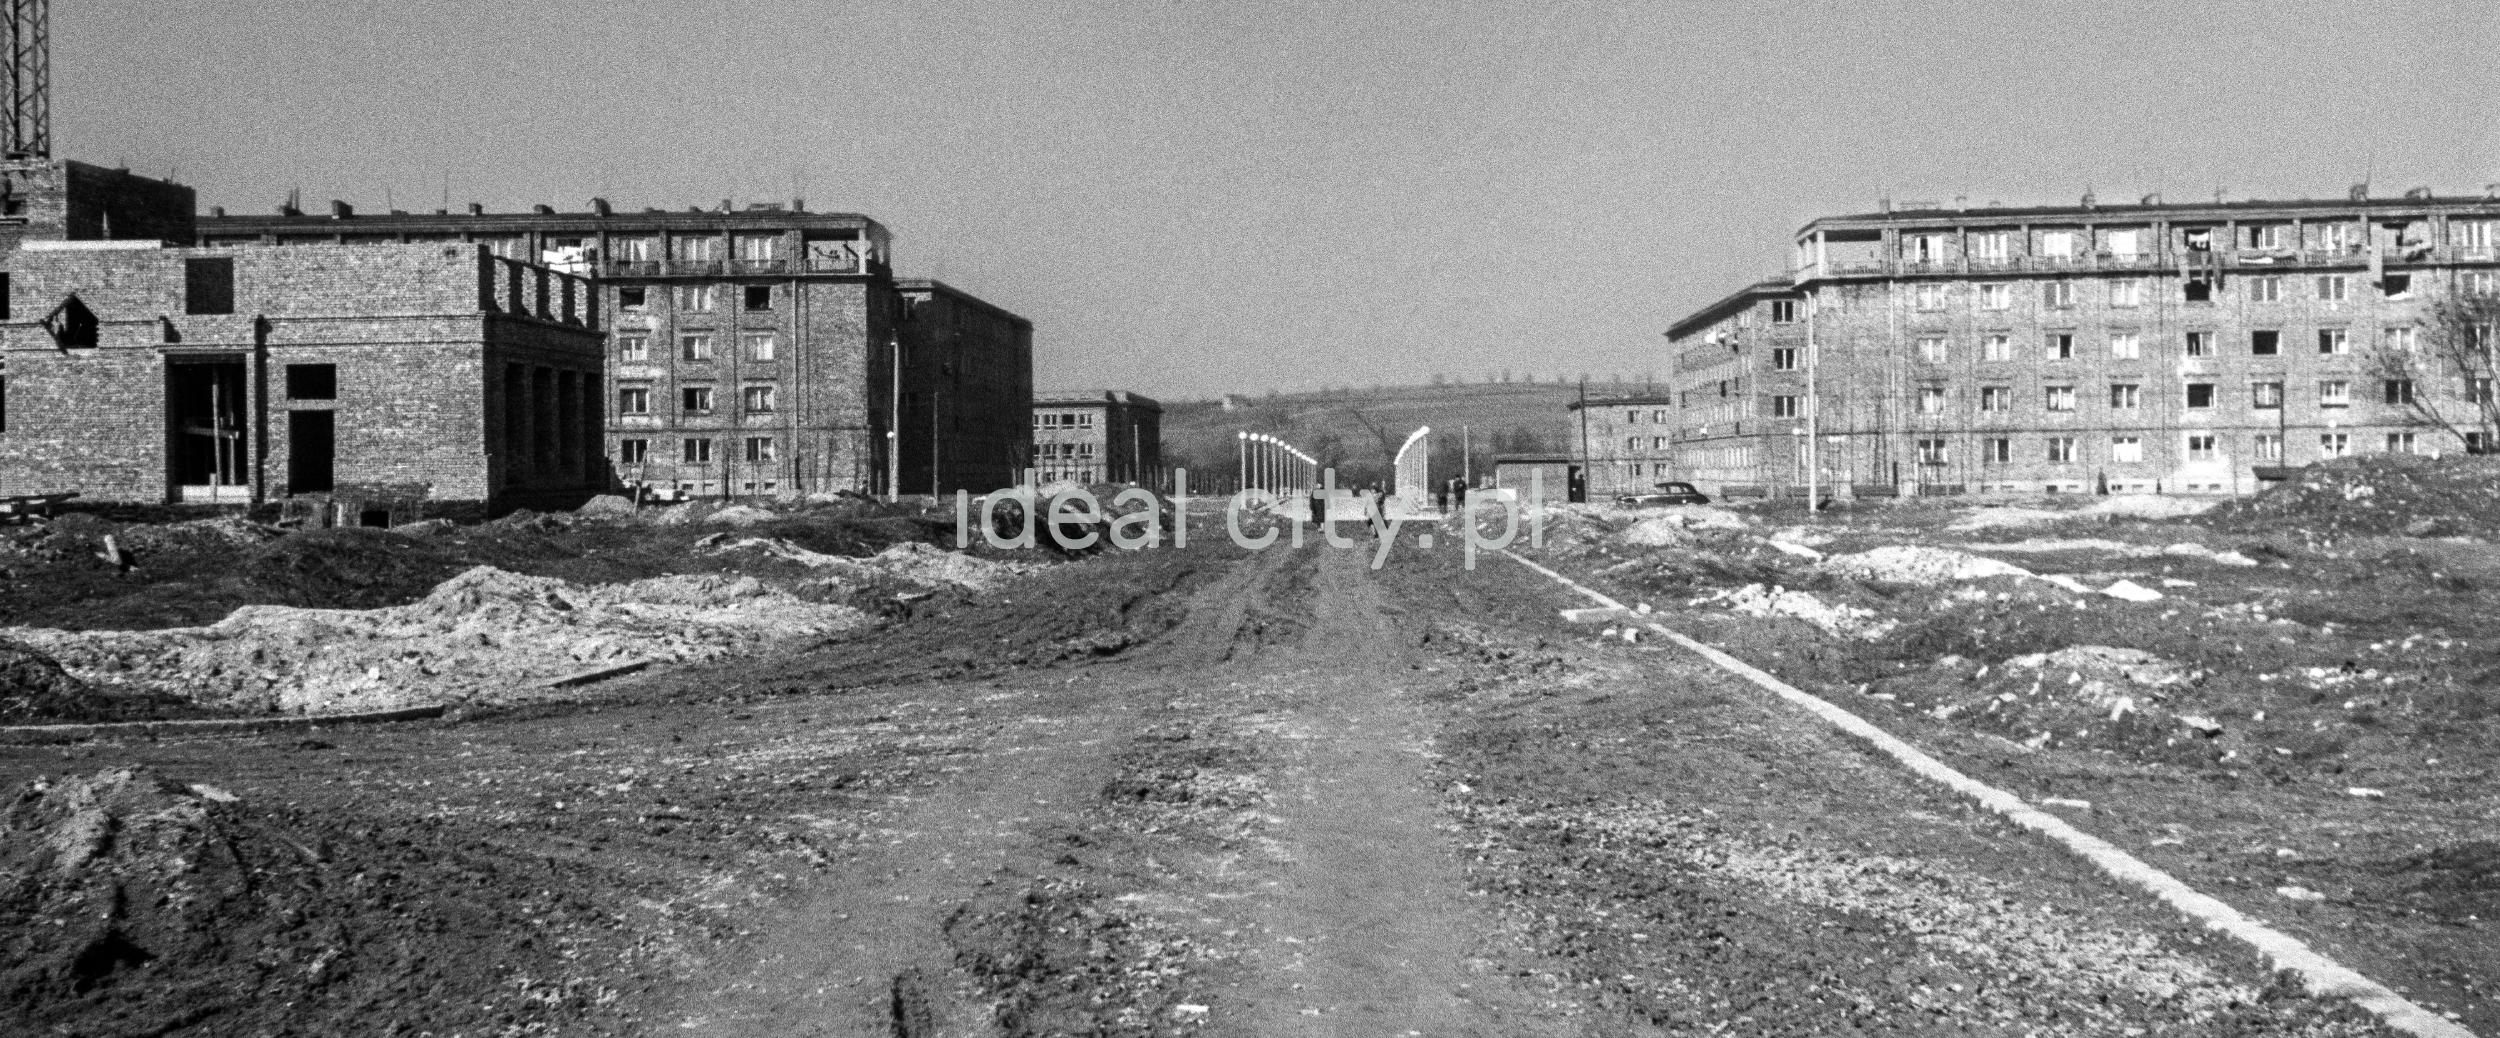 Centralne, perspektywiczne ujęcie szerokiej alei w budowie, w tle, po lewej i prawej stronie ukończone budynki osiedli mieszkaniowych.